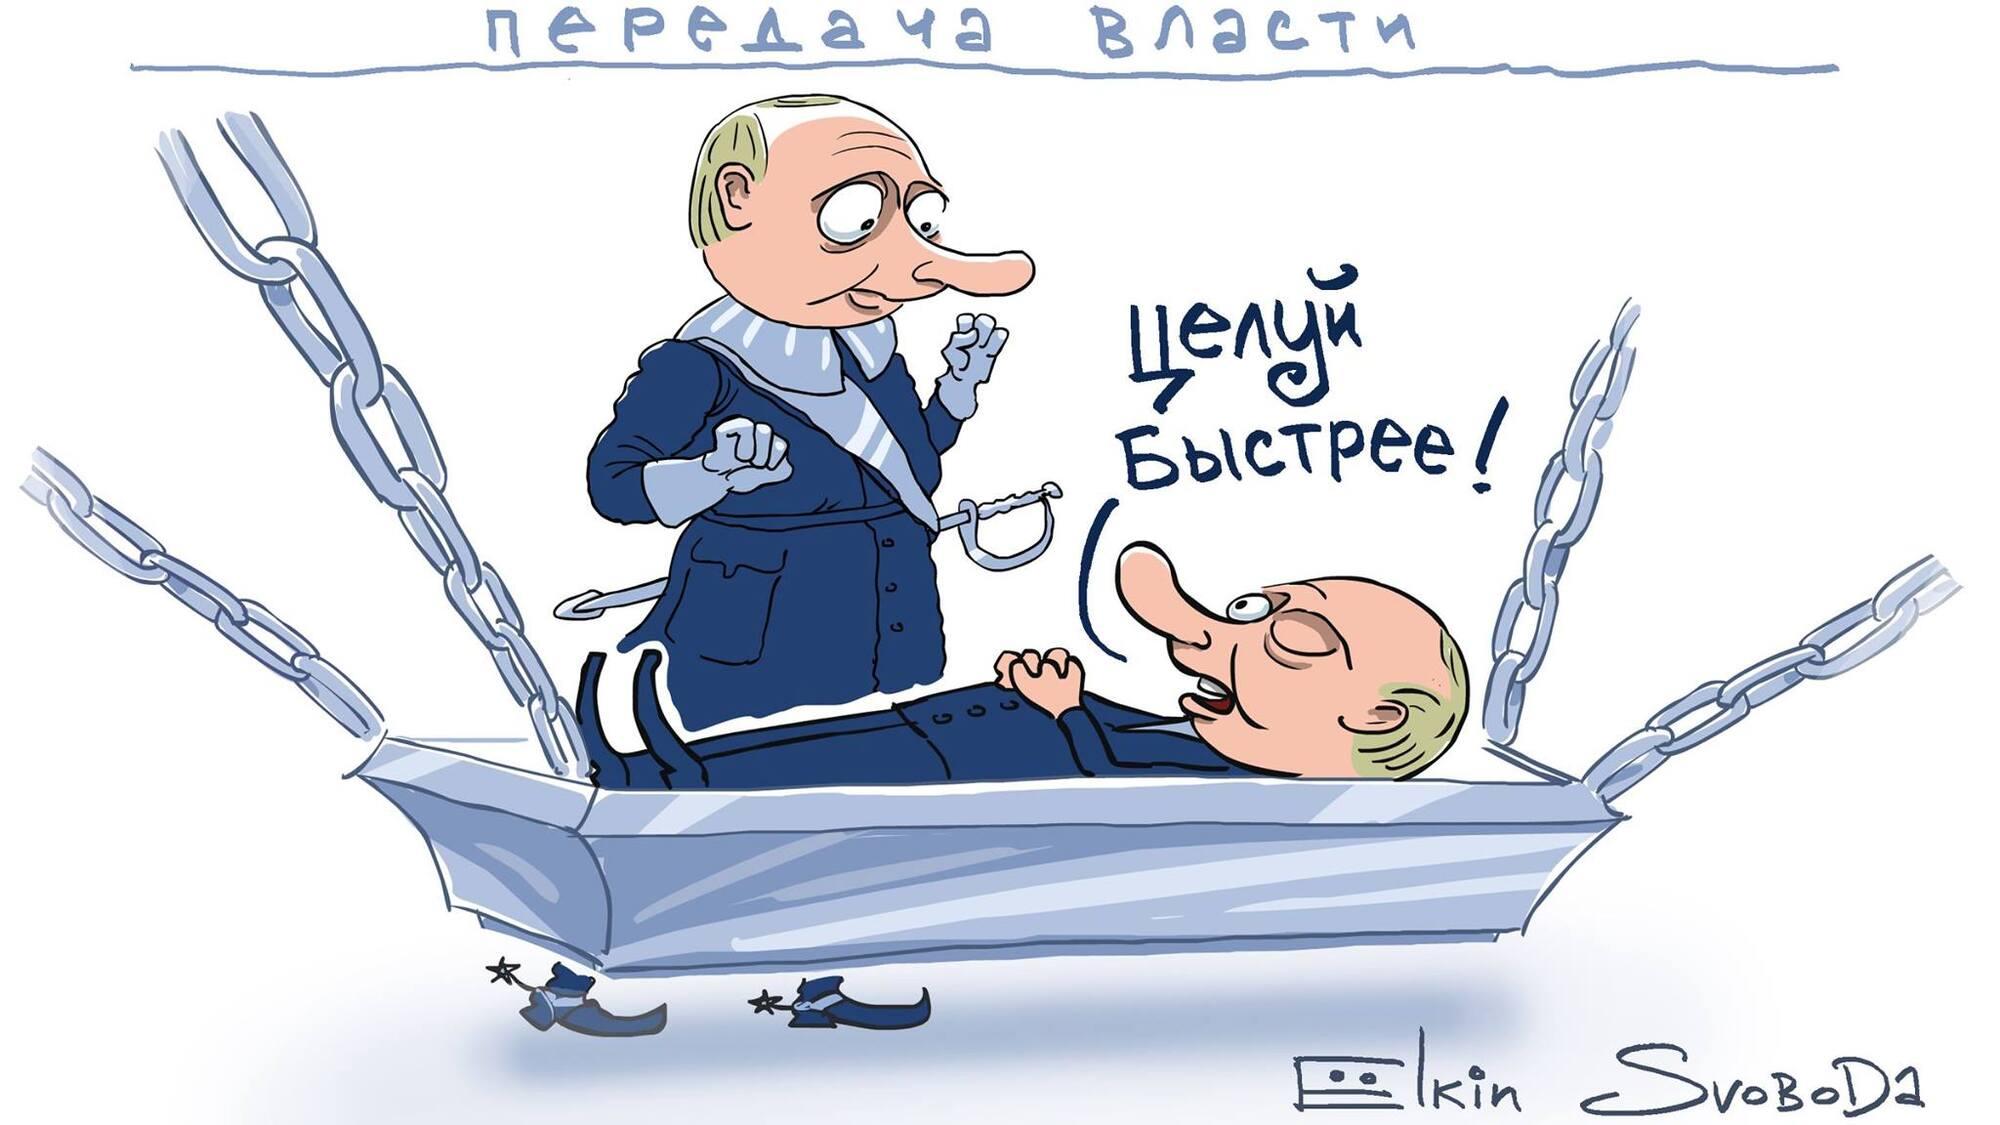 """""""Путин в гробу"""": известный карикатурист высмеял выдвижение президента России"""